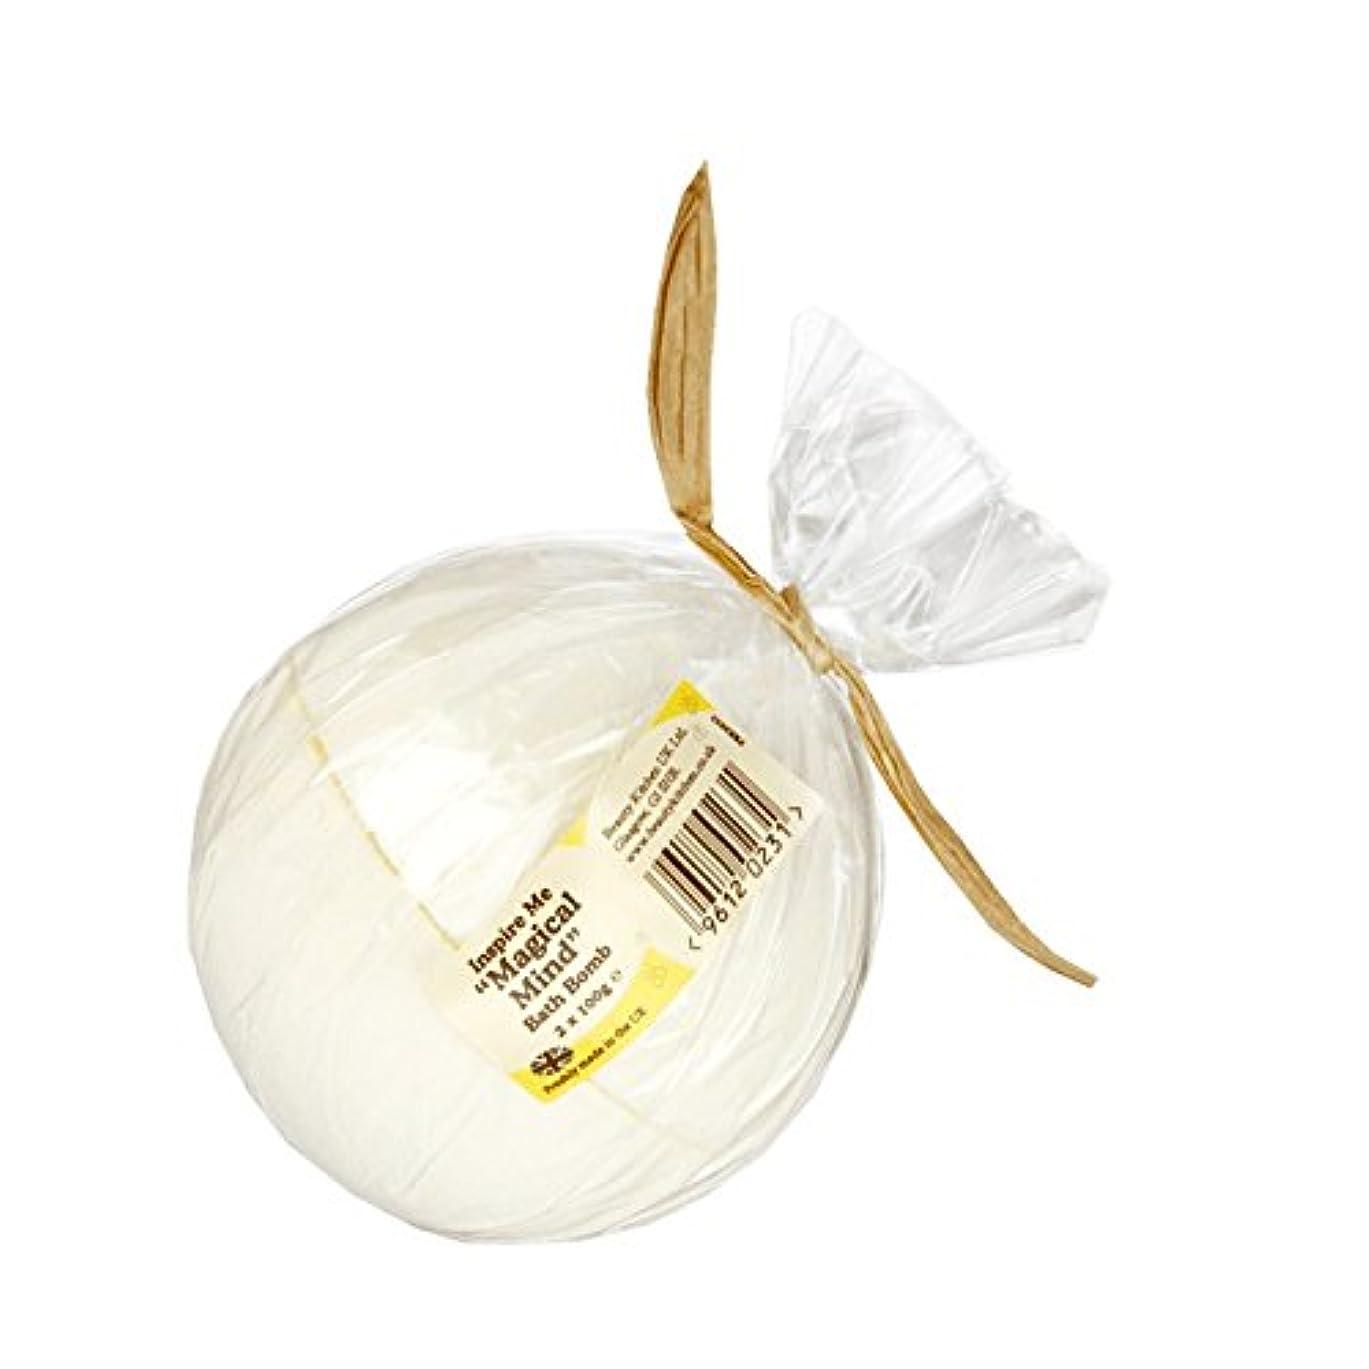 ヘルパー腹痛タンパク質Beauty Kitchen Inspire Me Magical Mind Bath Bomb 2 x 100g (Pack of 2) - 美しさのキッチンは私に魔法心風呂爆弾2×100グラムを鼓舞します (x2)...